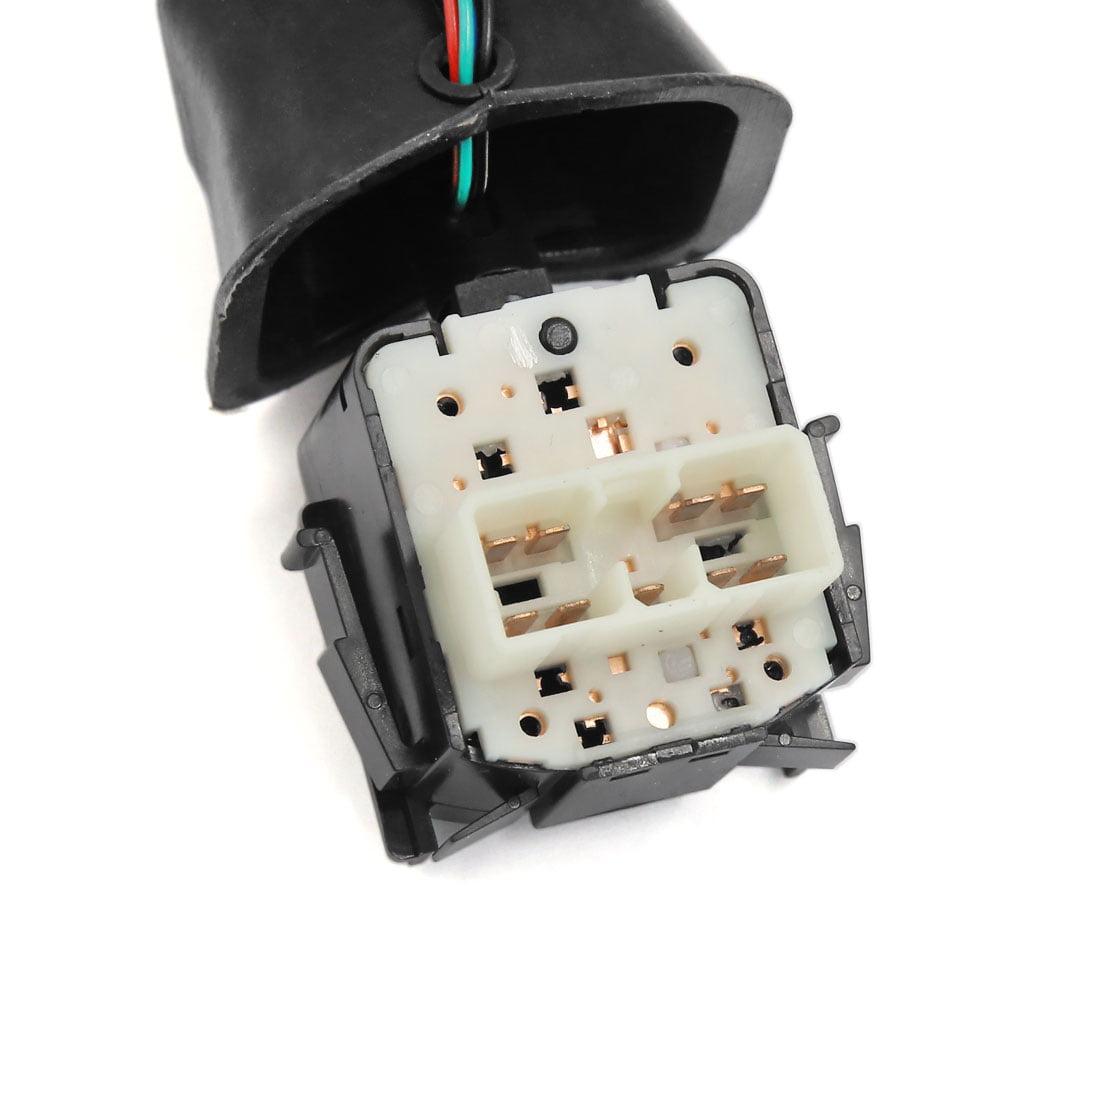 Nouveau commutateur d'essuie-glace pour Excelle Nubira Kombi 96552842 - image 2 de 3